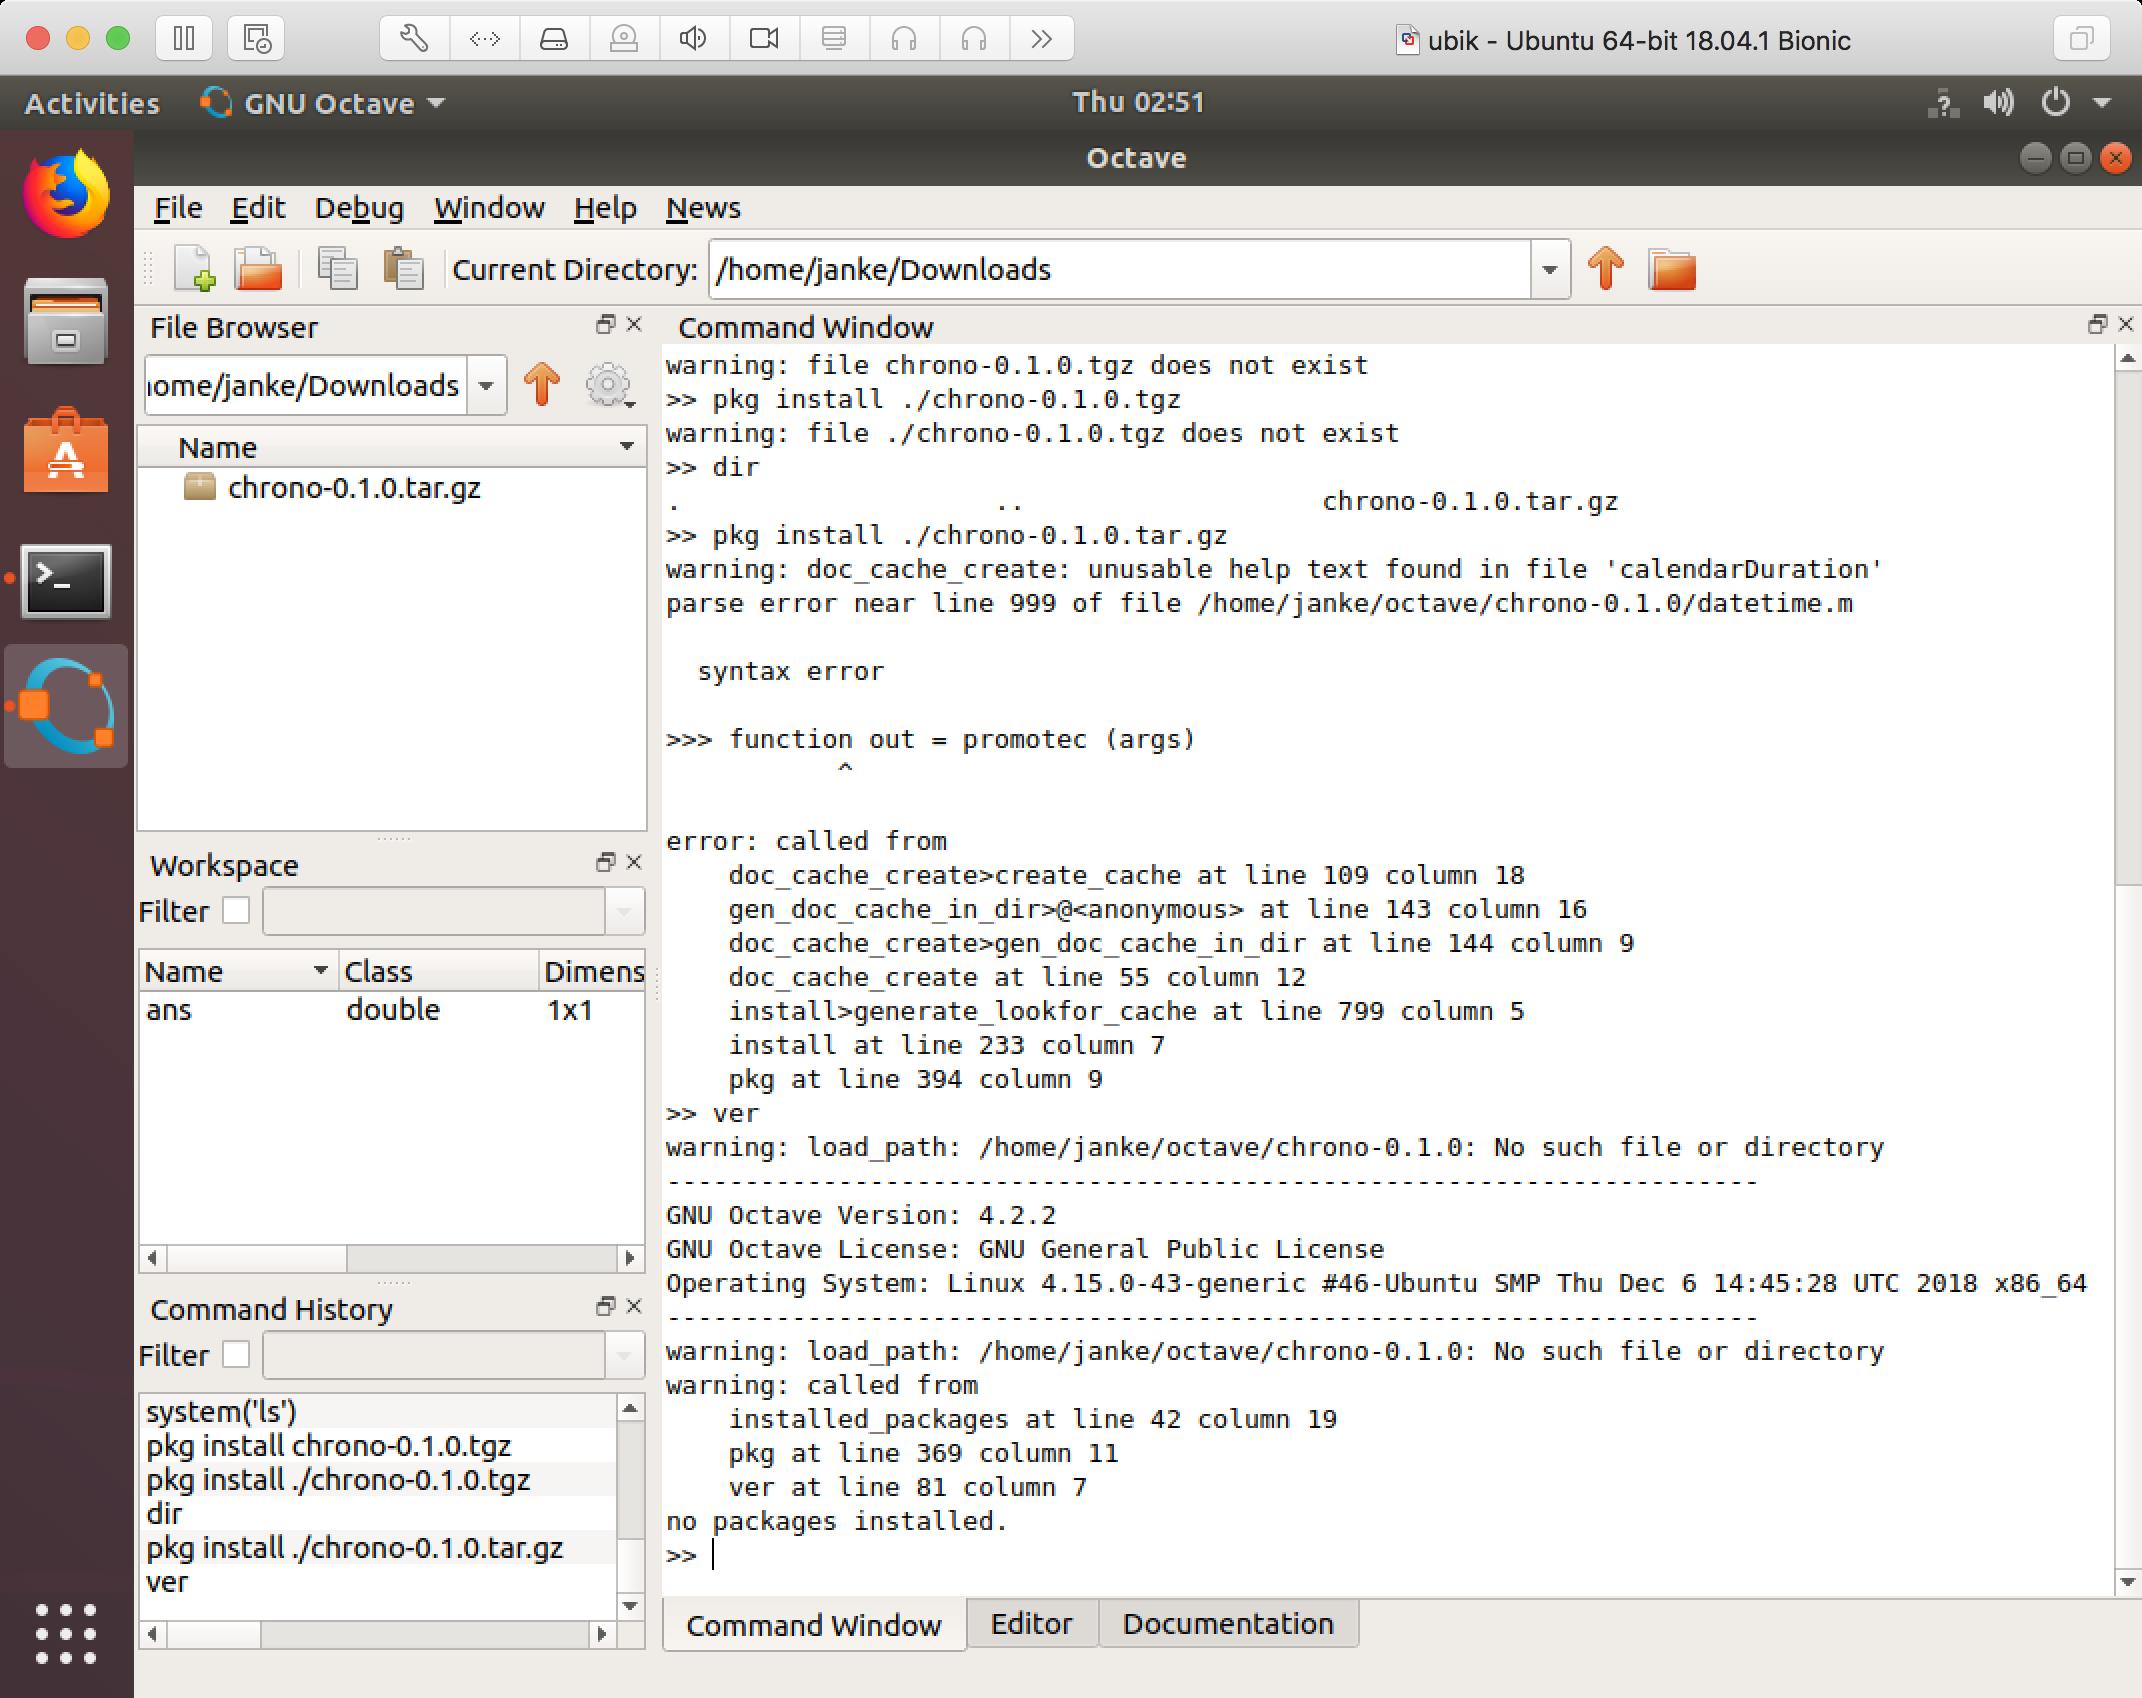 Busted on Octave 4 2 2 on Ubuntu Bionic and 4 0 0 on Ubuntu